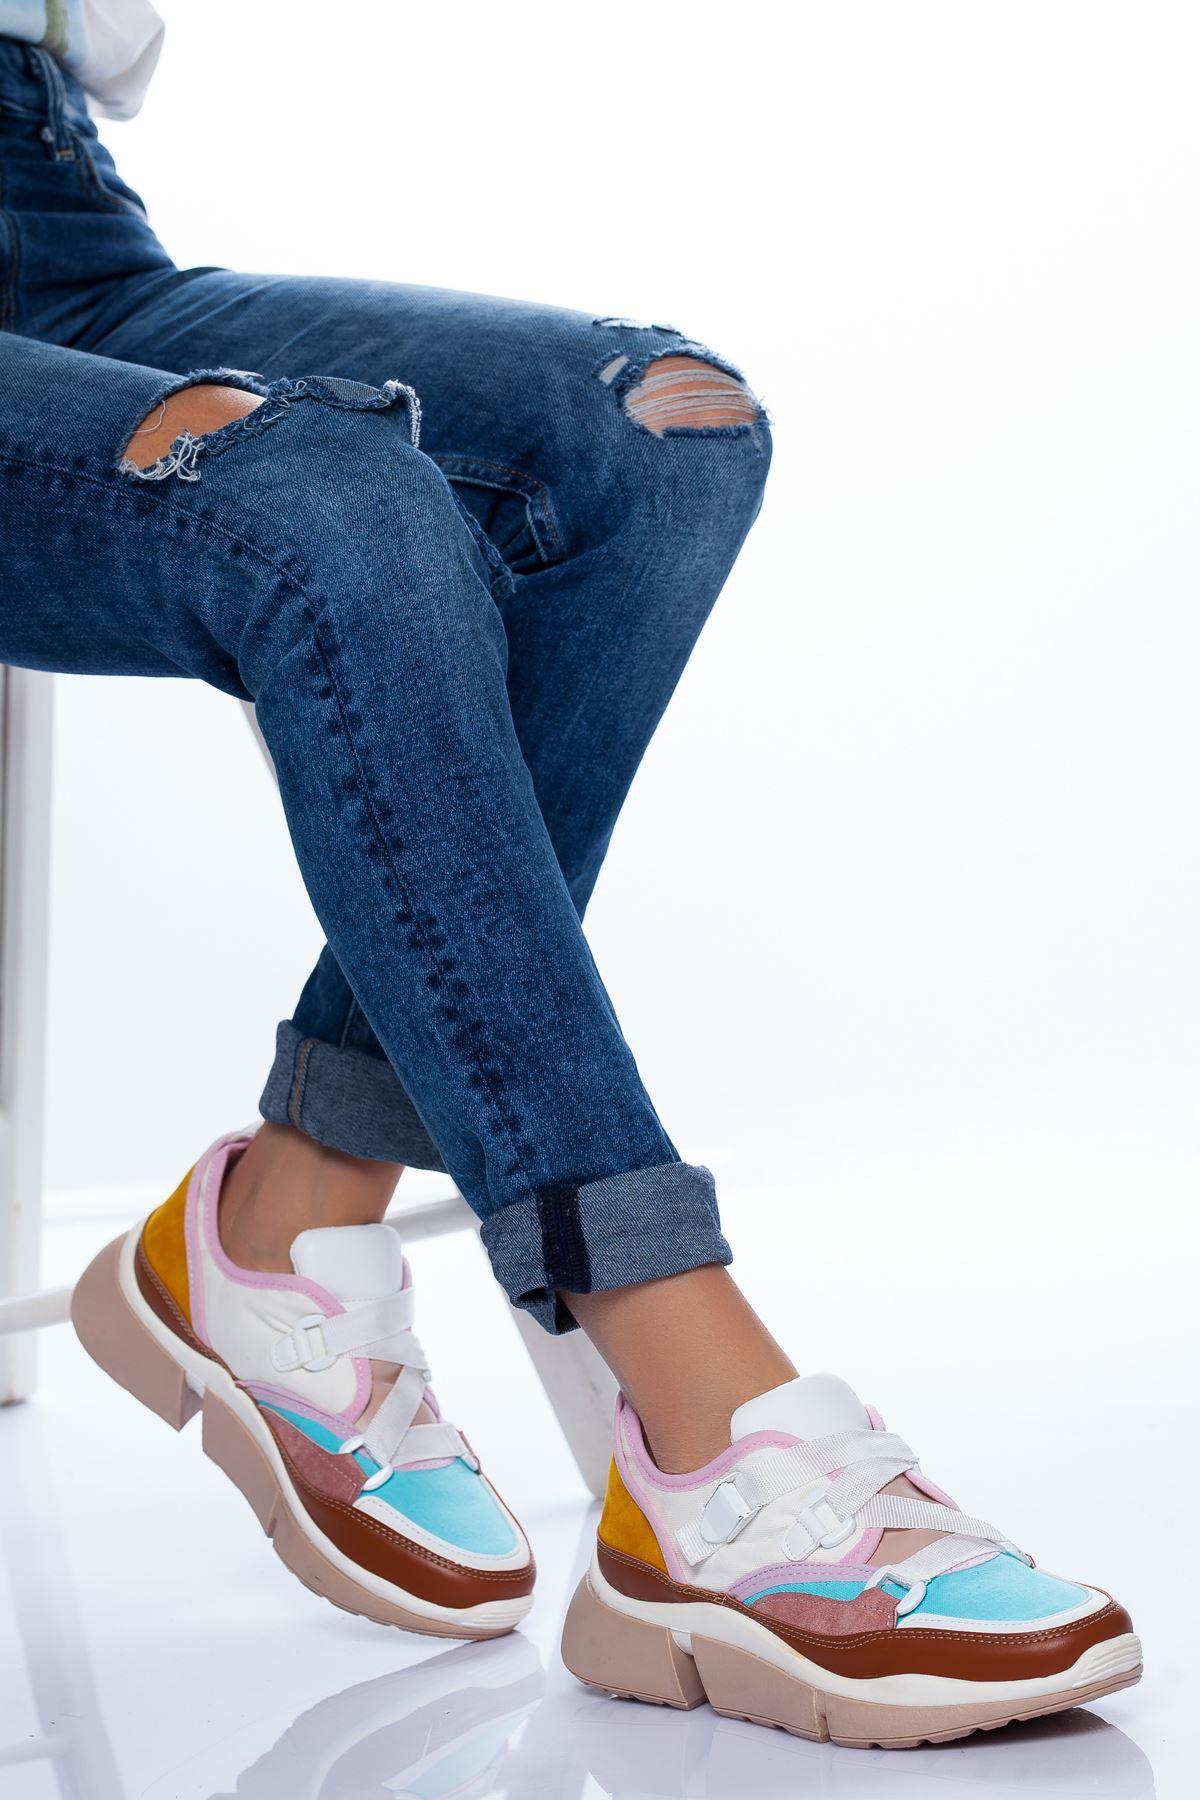 Cindy Spor Ayakkabı BEYAZ-KAHVE